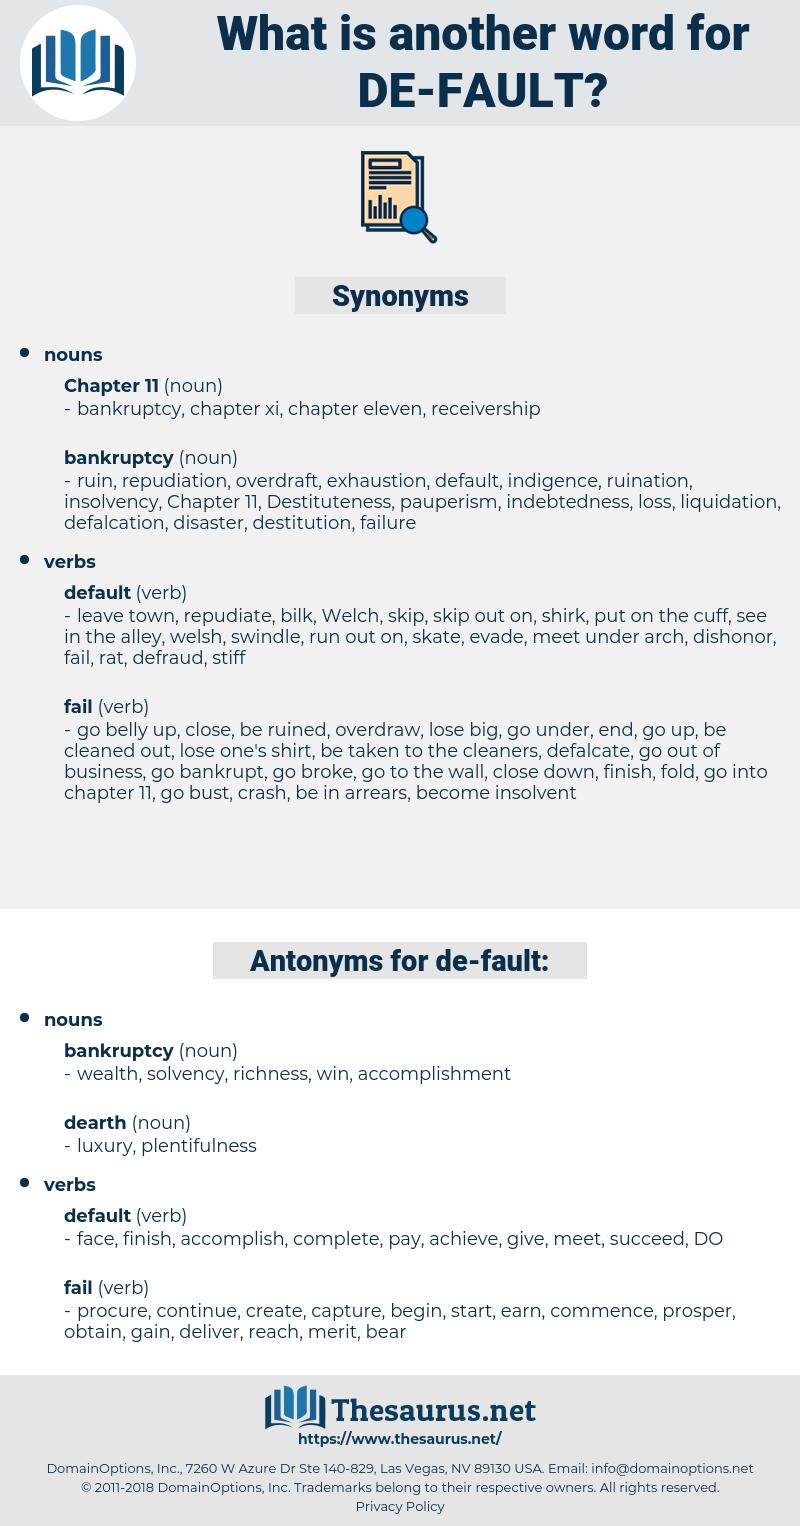 de-fault, synonym de-fault, another word for de-fault, words like de-fault, thesaurus de-fault